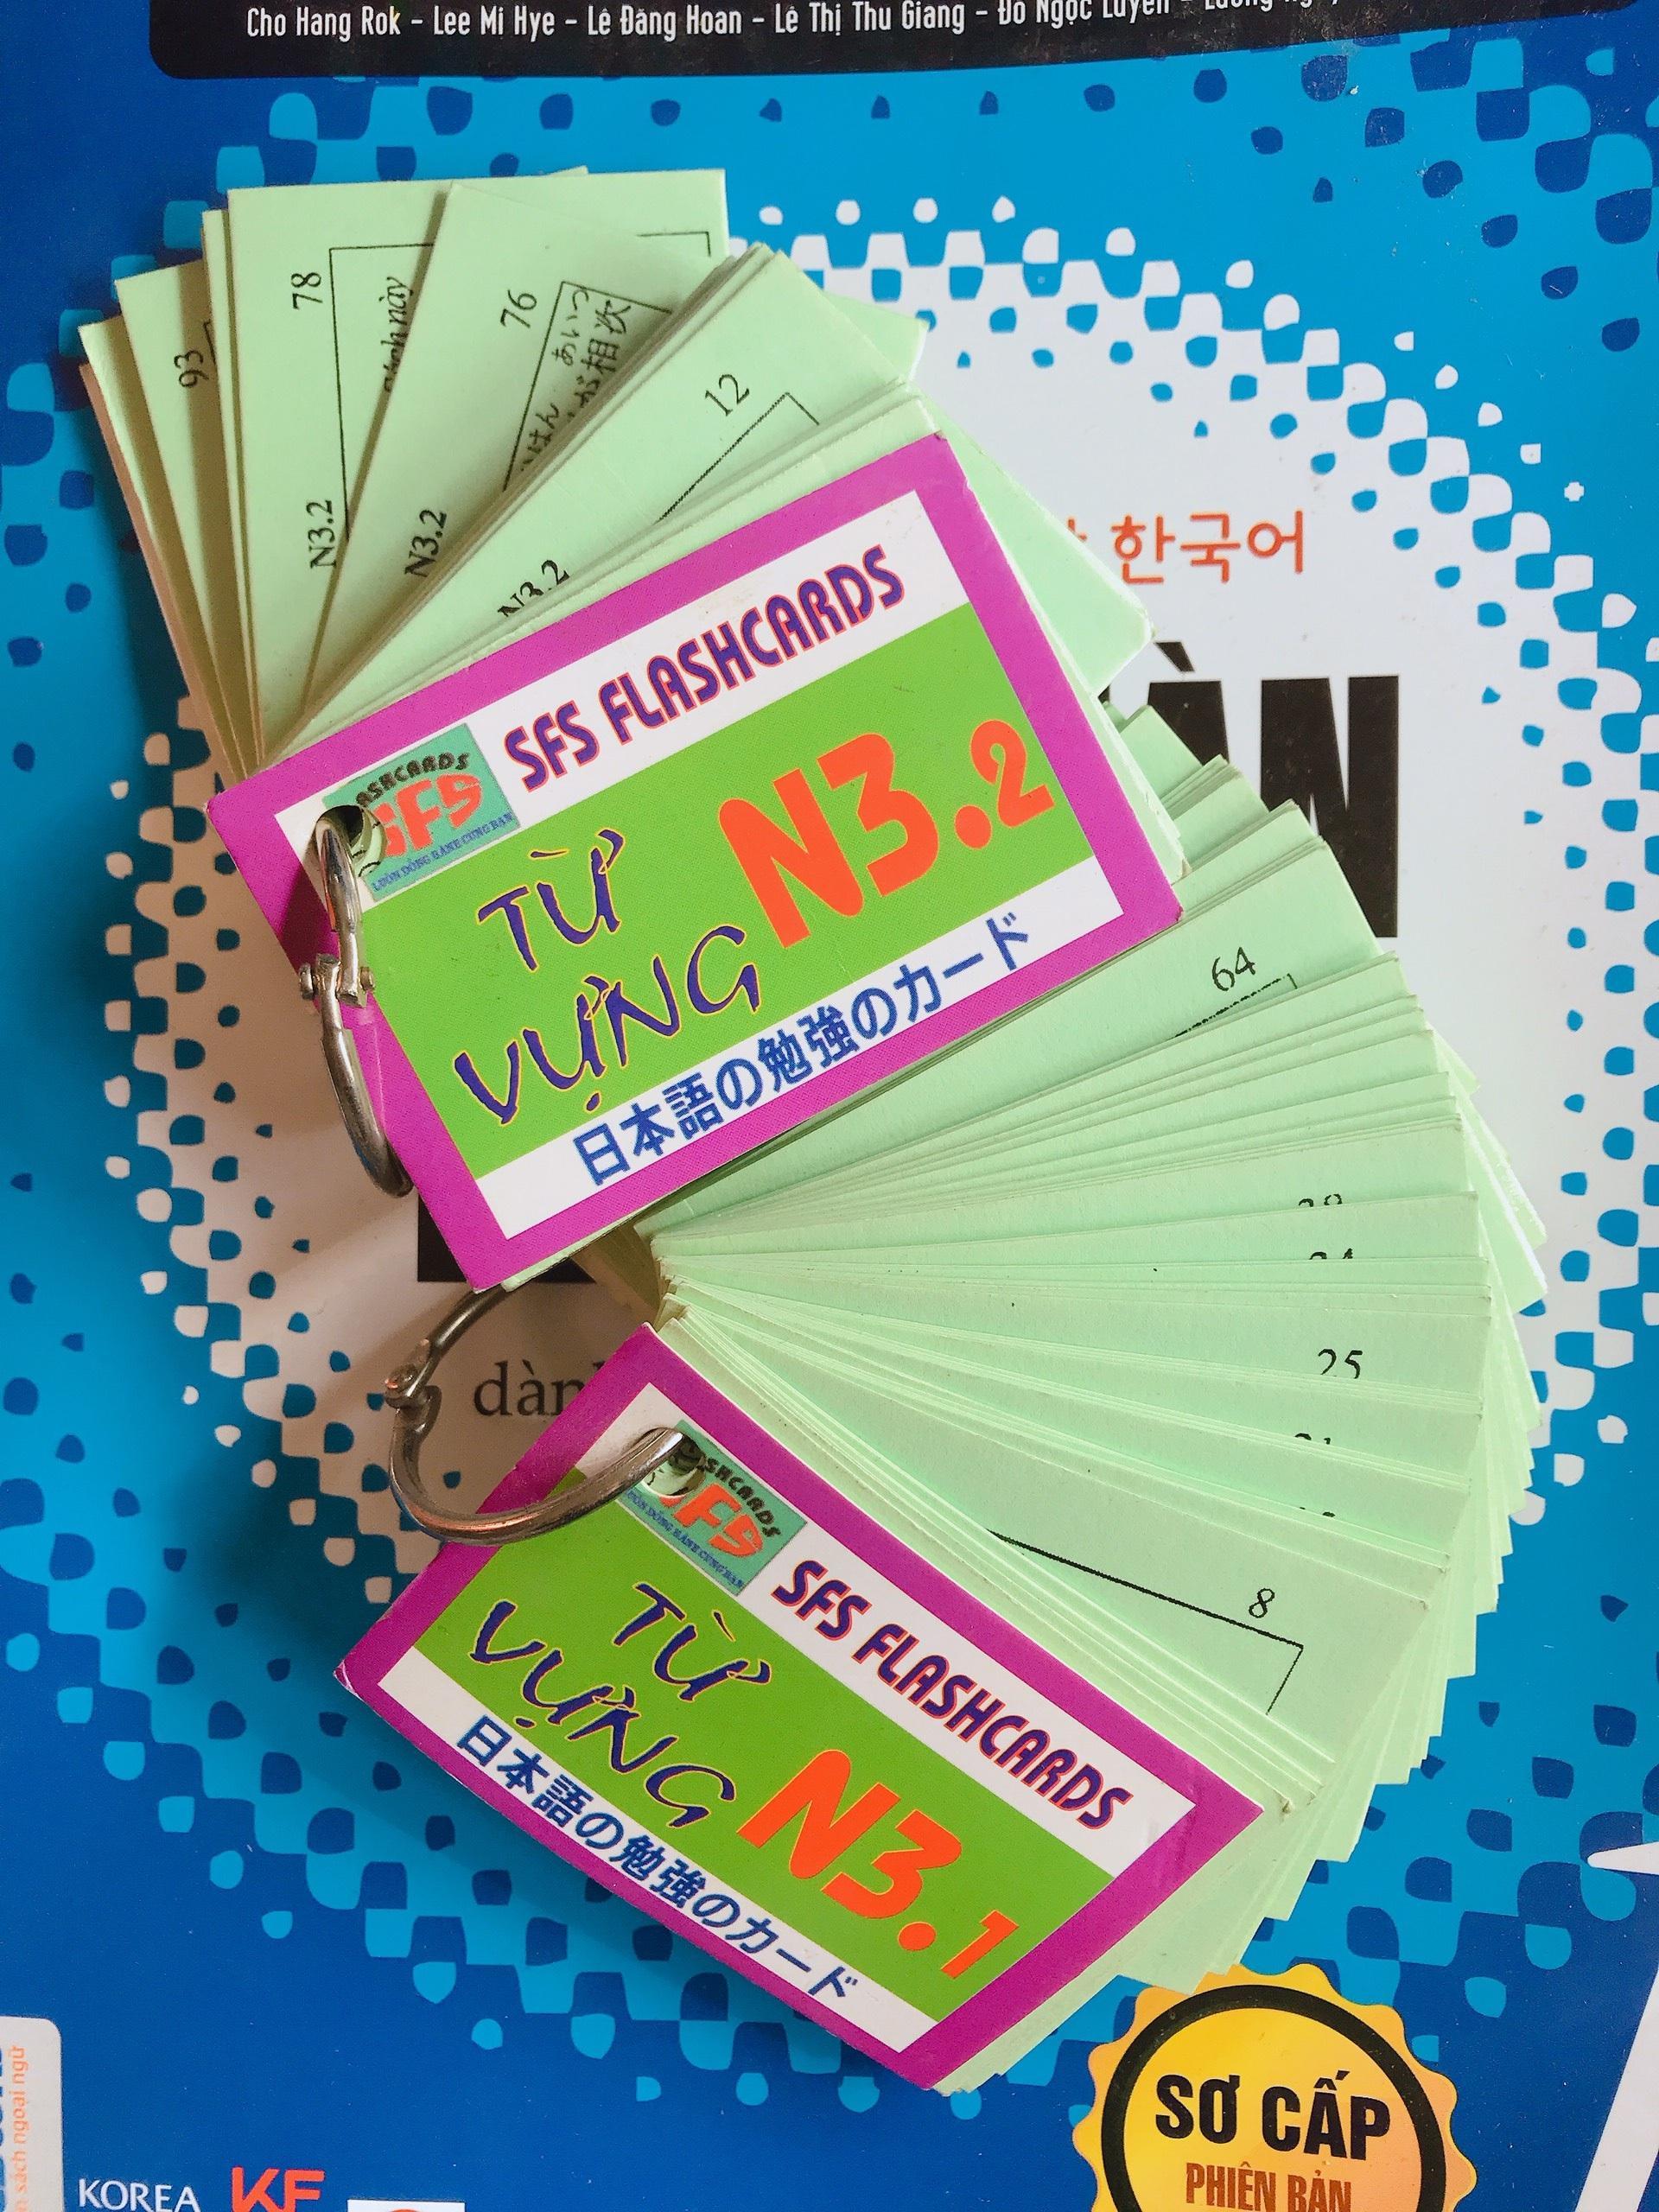 Thẻ Học Từ Vựng Tiếng Nhật N3 2 Xấp Có Giá Tốt